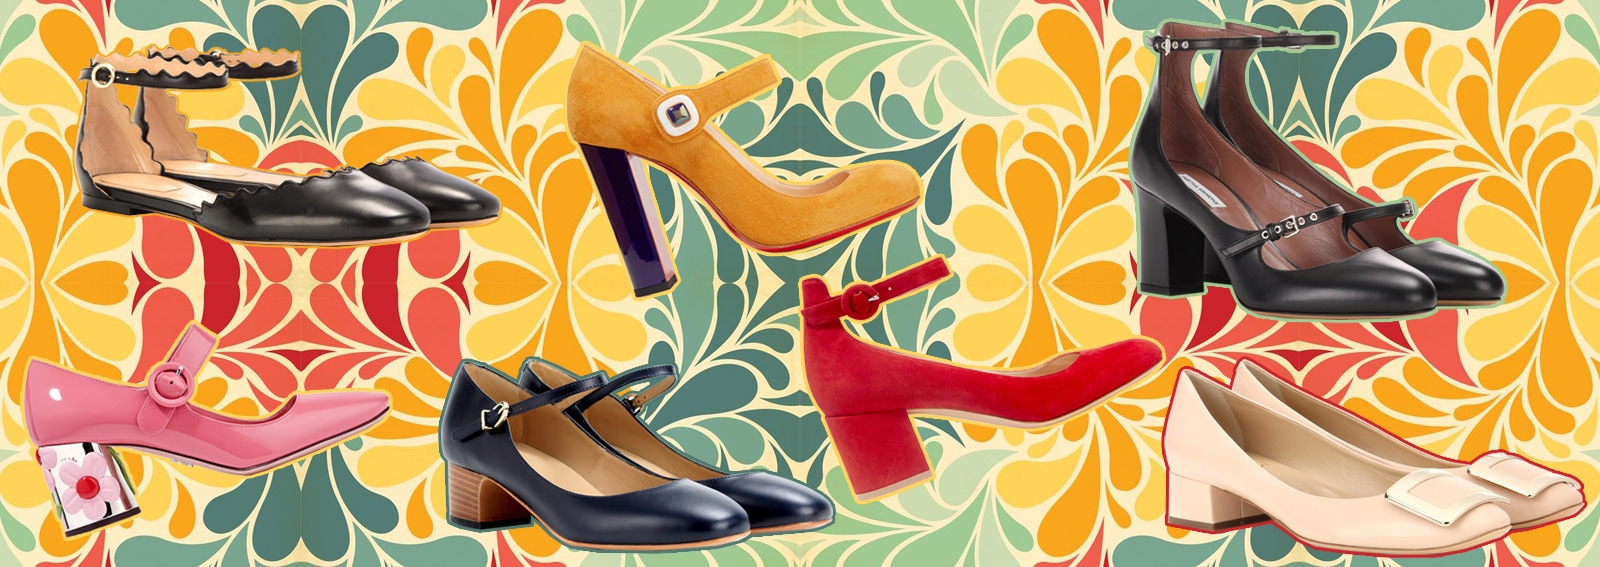 DESKTOP_scarpe_retro